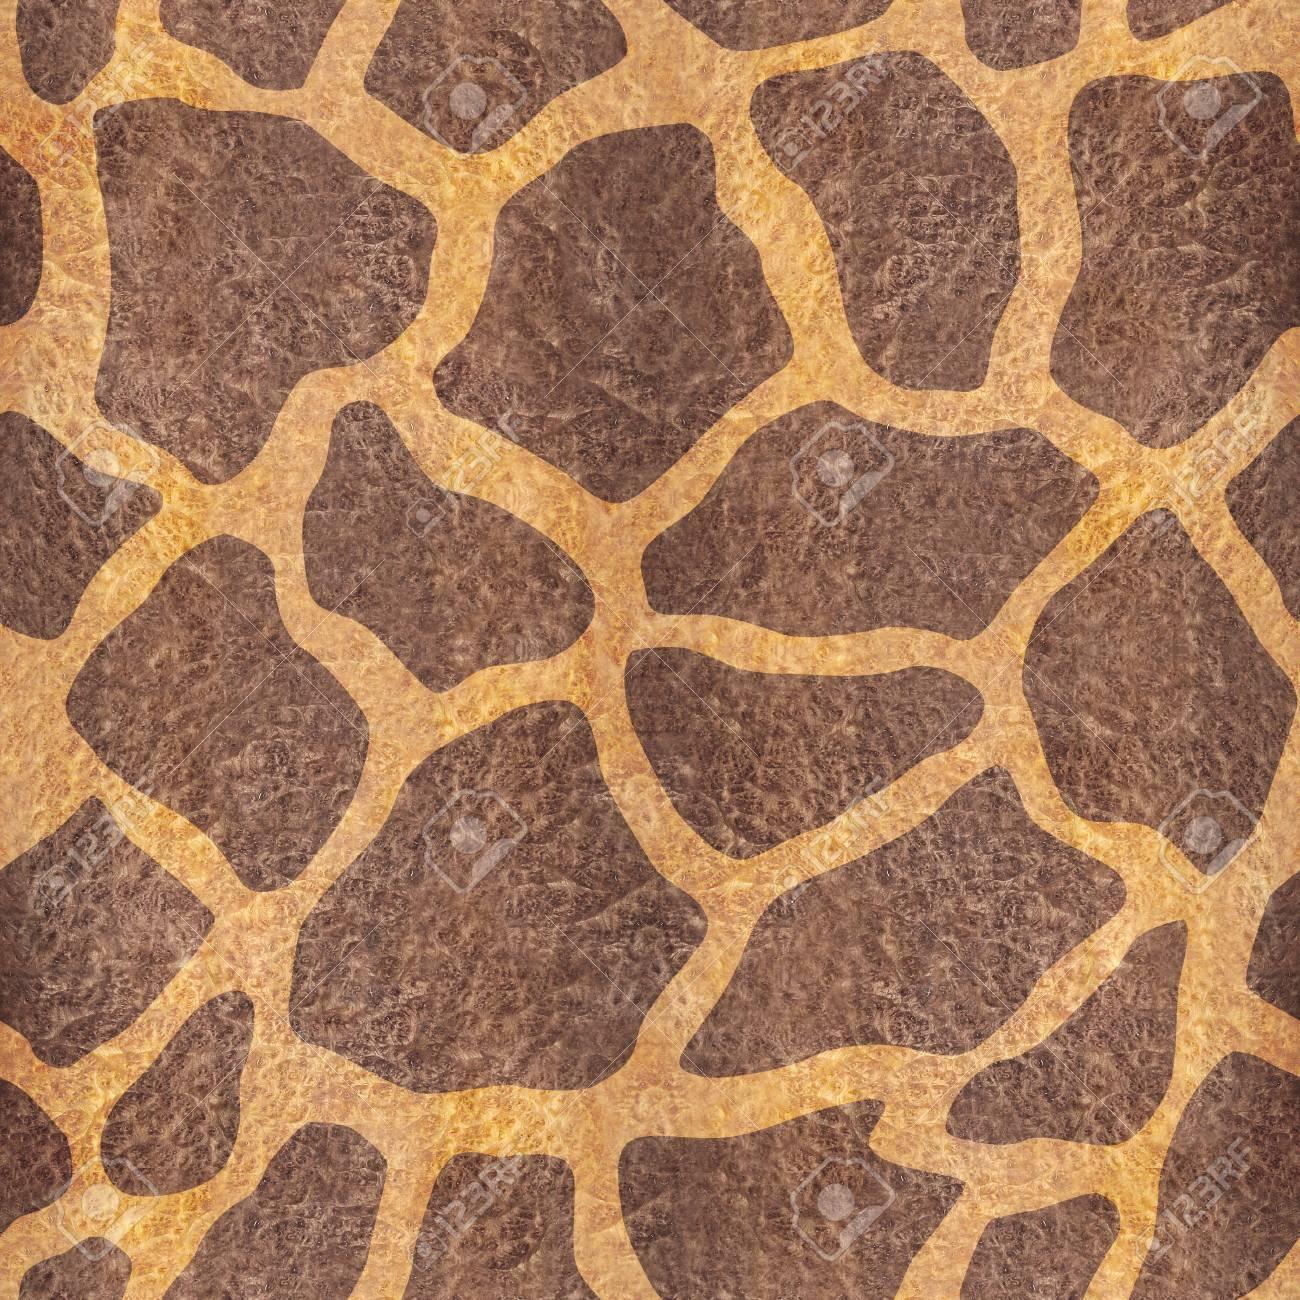 装飾的なキリン柄 シームレスな背景 カルパティア エルム ウッド テクスチャ の写真素材 画像素材 Image